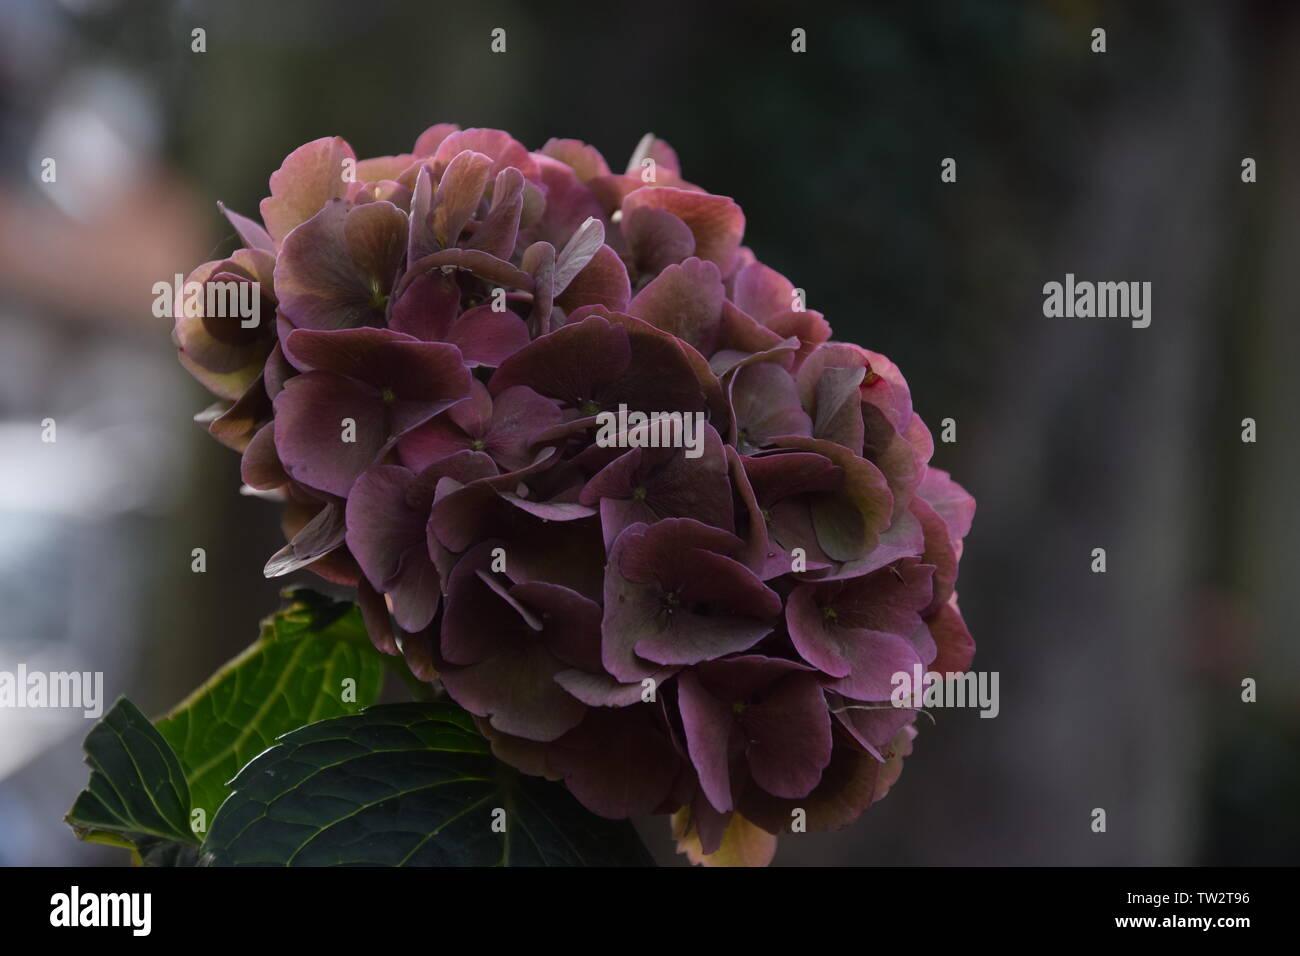 Makro Aufnahme einer Blume im garten mit blurred Background - Stock Image